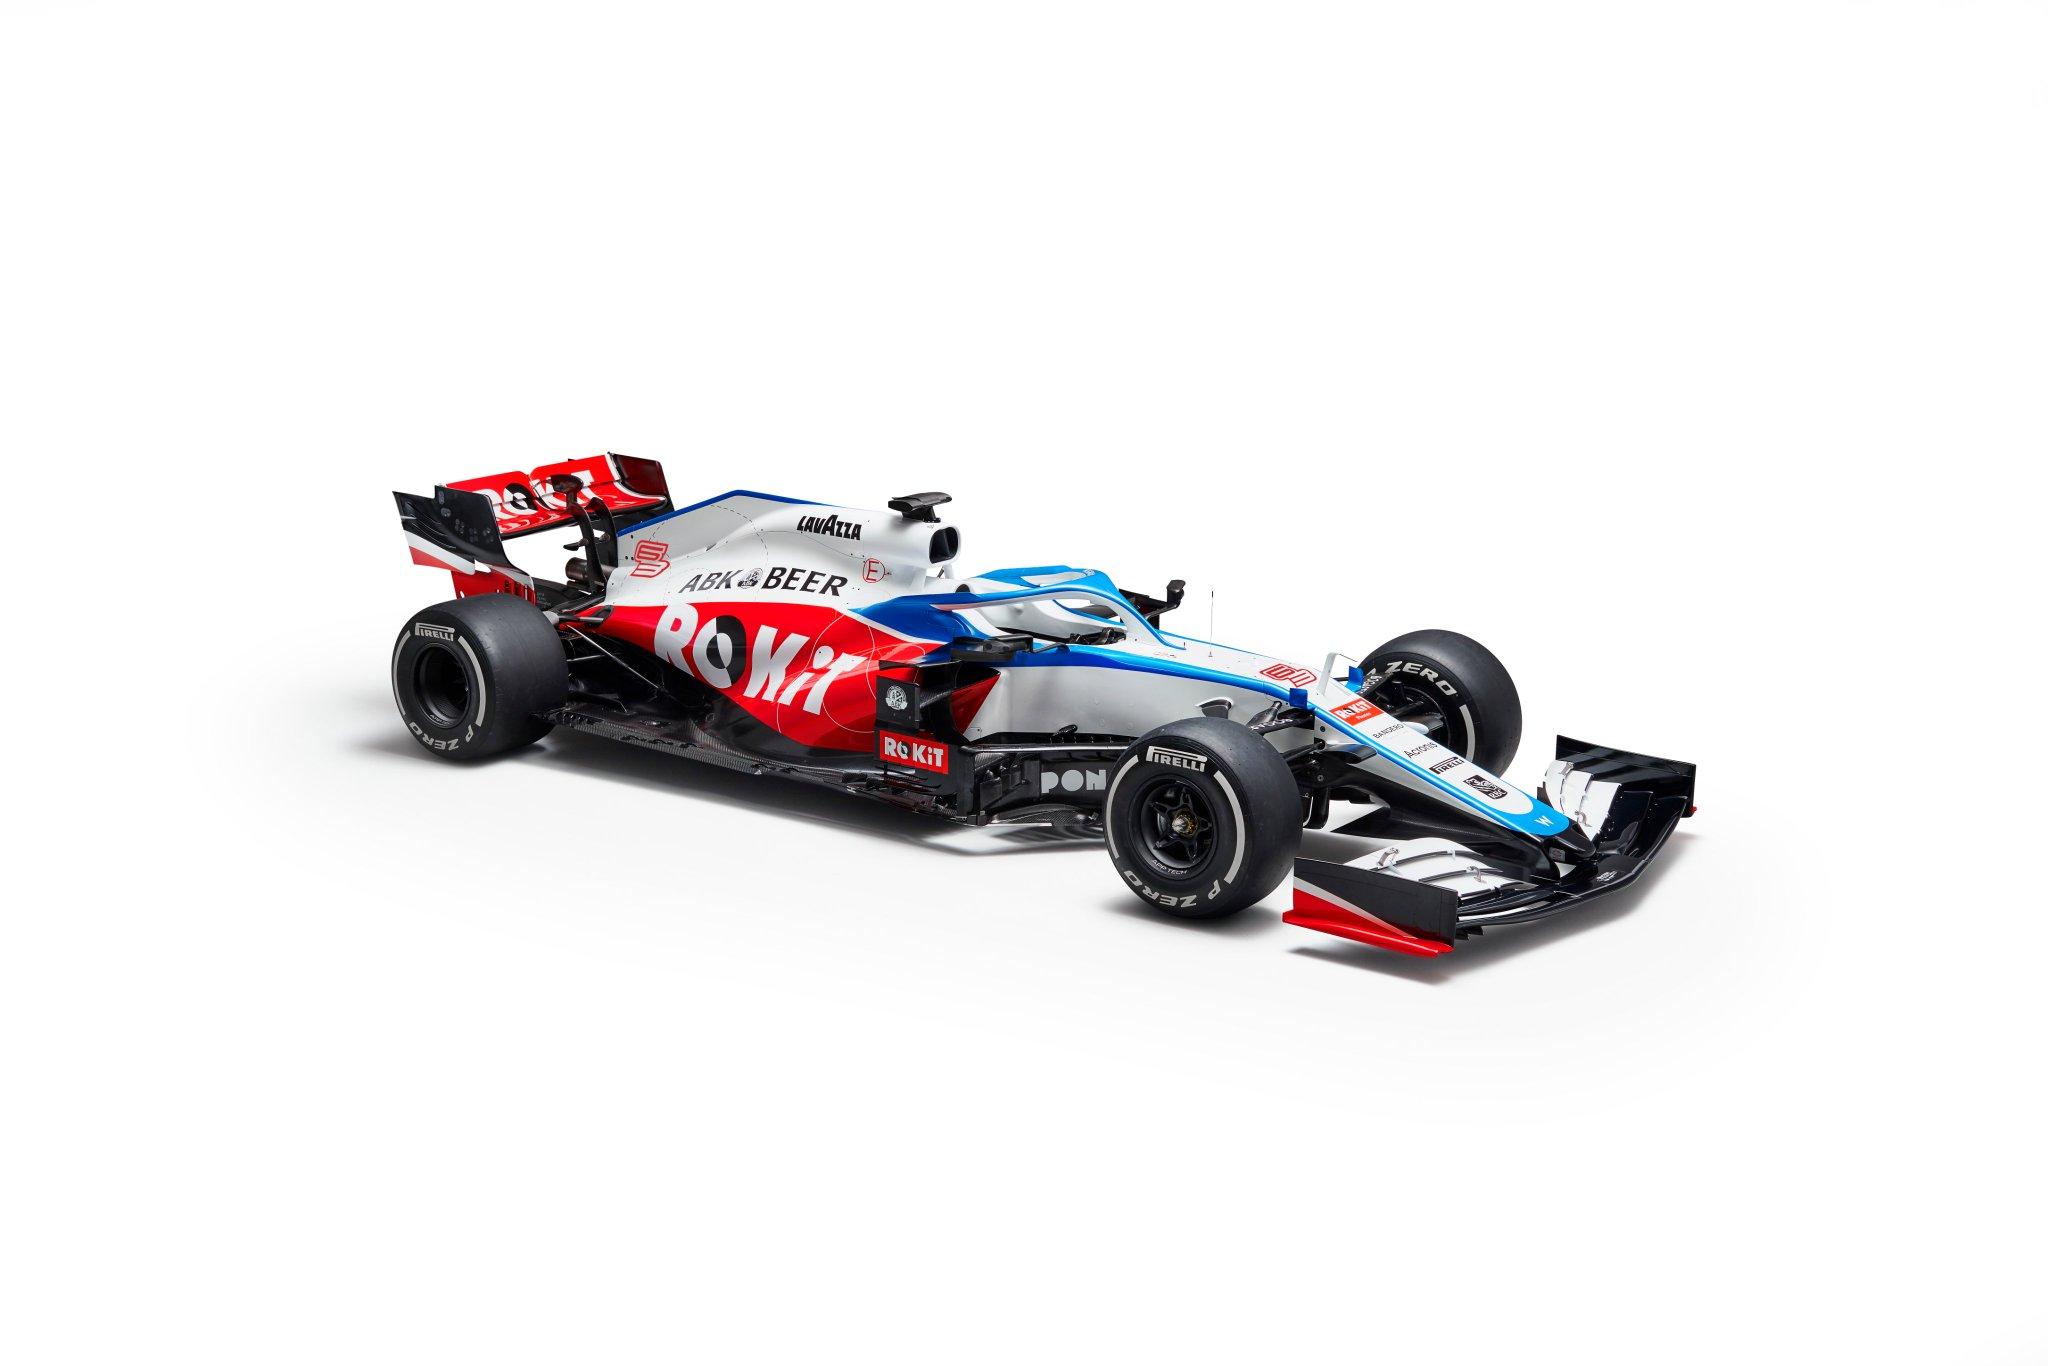 Présentation de la Williams FW43